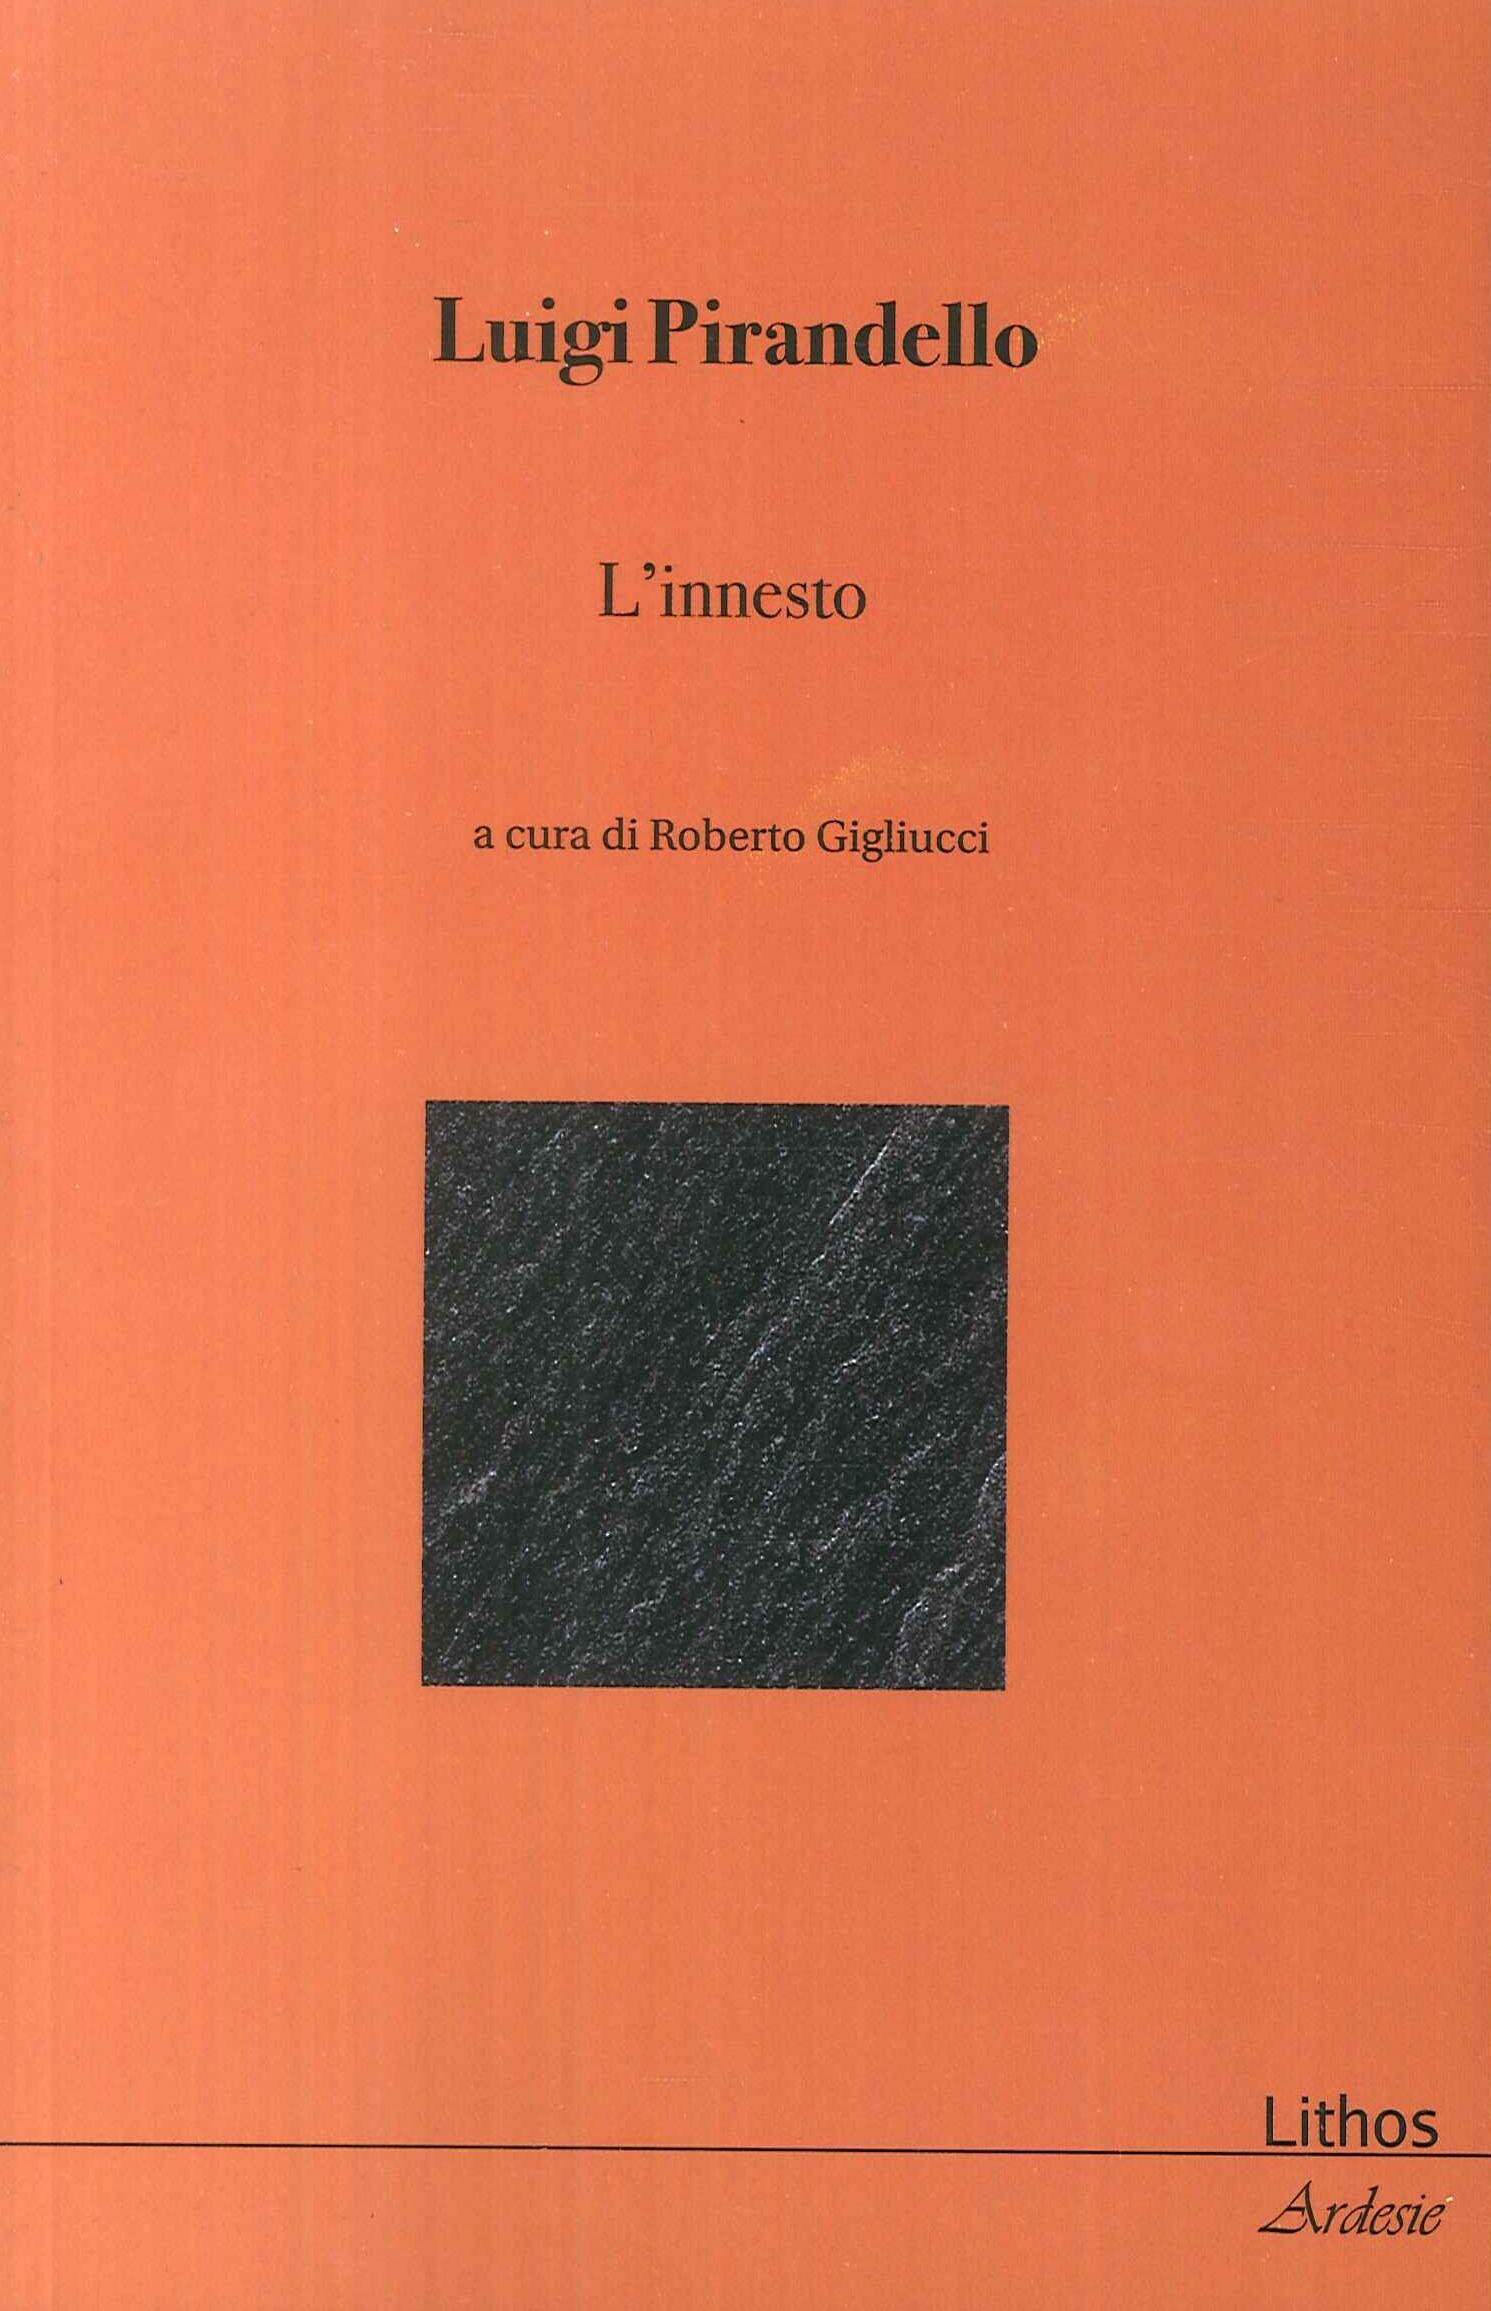 Luigi Pirandello. L'Innesto.